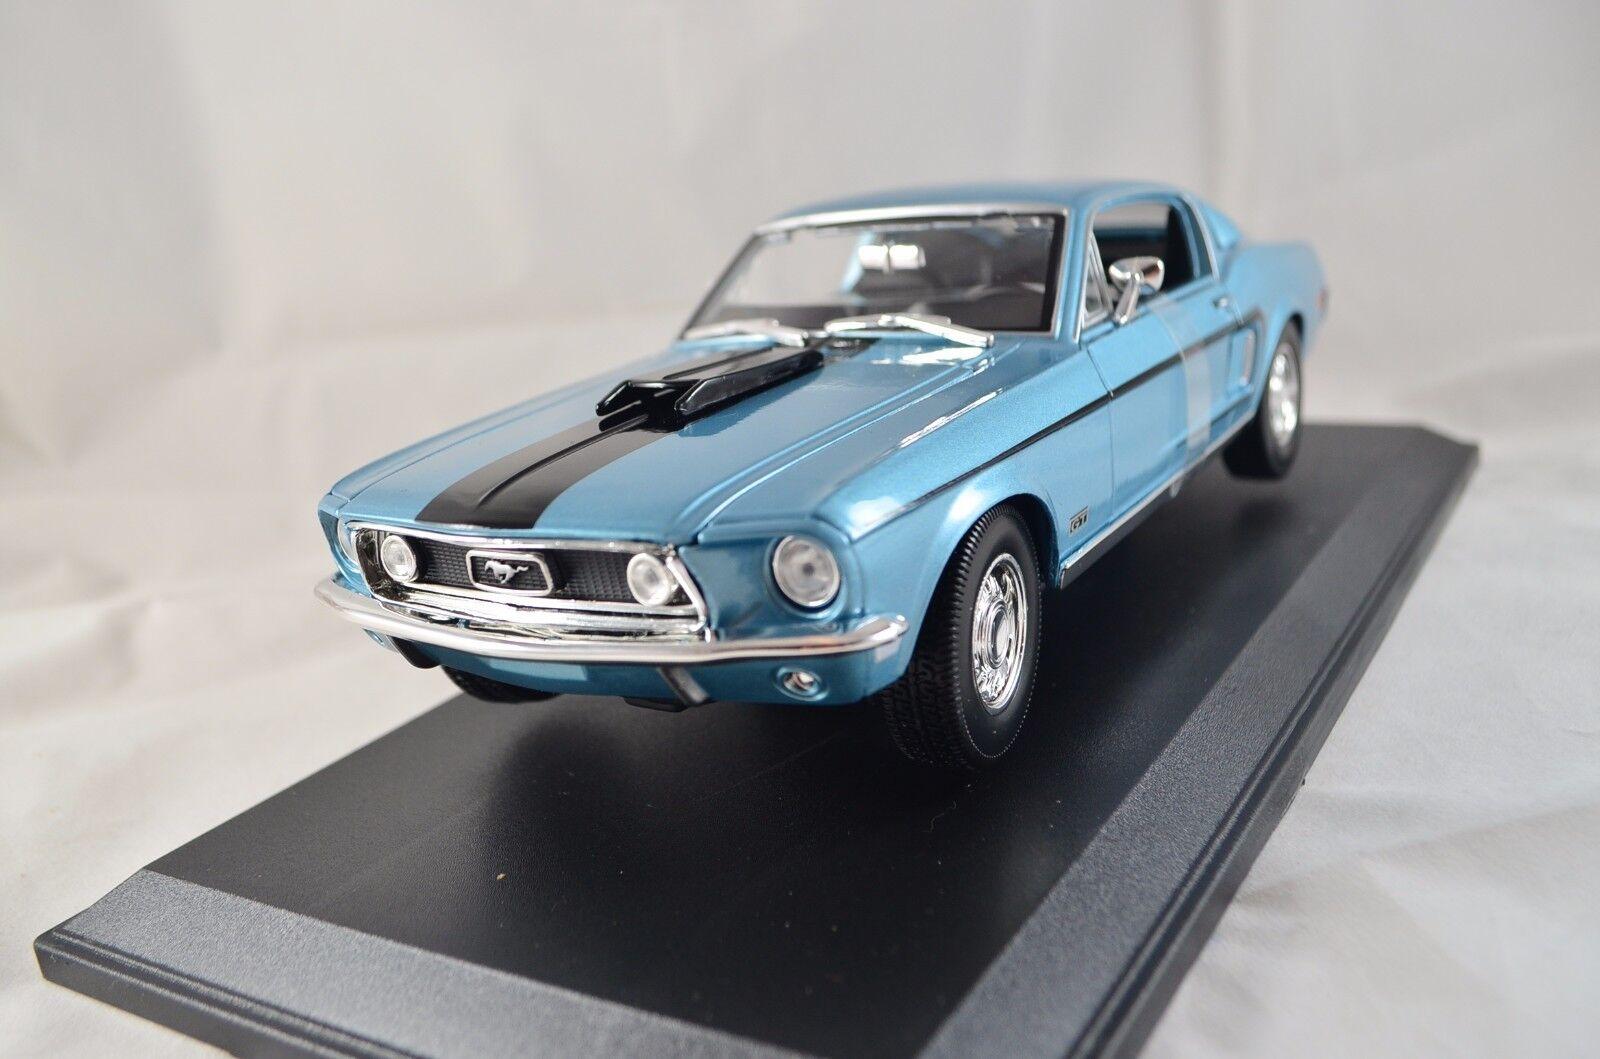 Ford Mustang GT Cobra Jet Mach 1968 1 18 métal, MAISTO Art. 31167